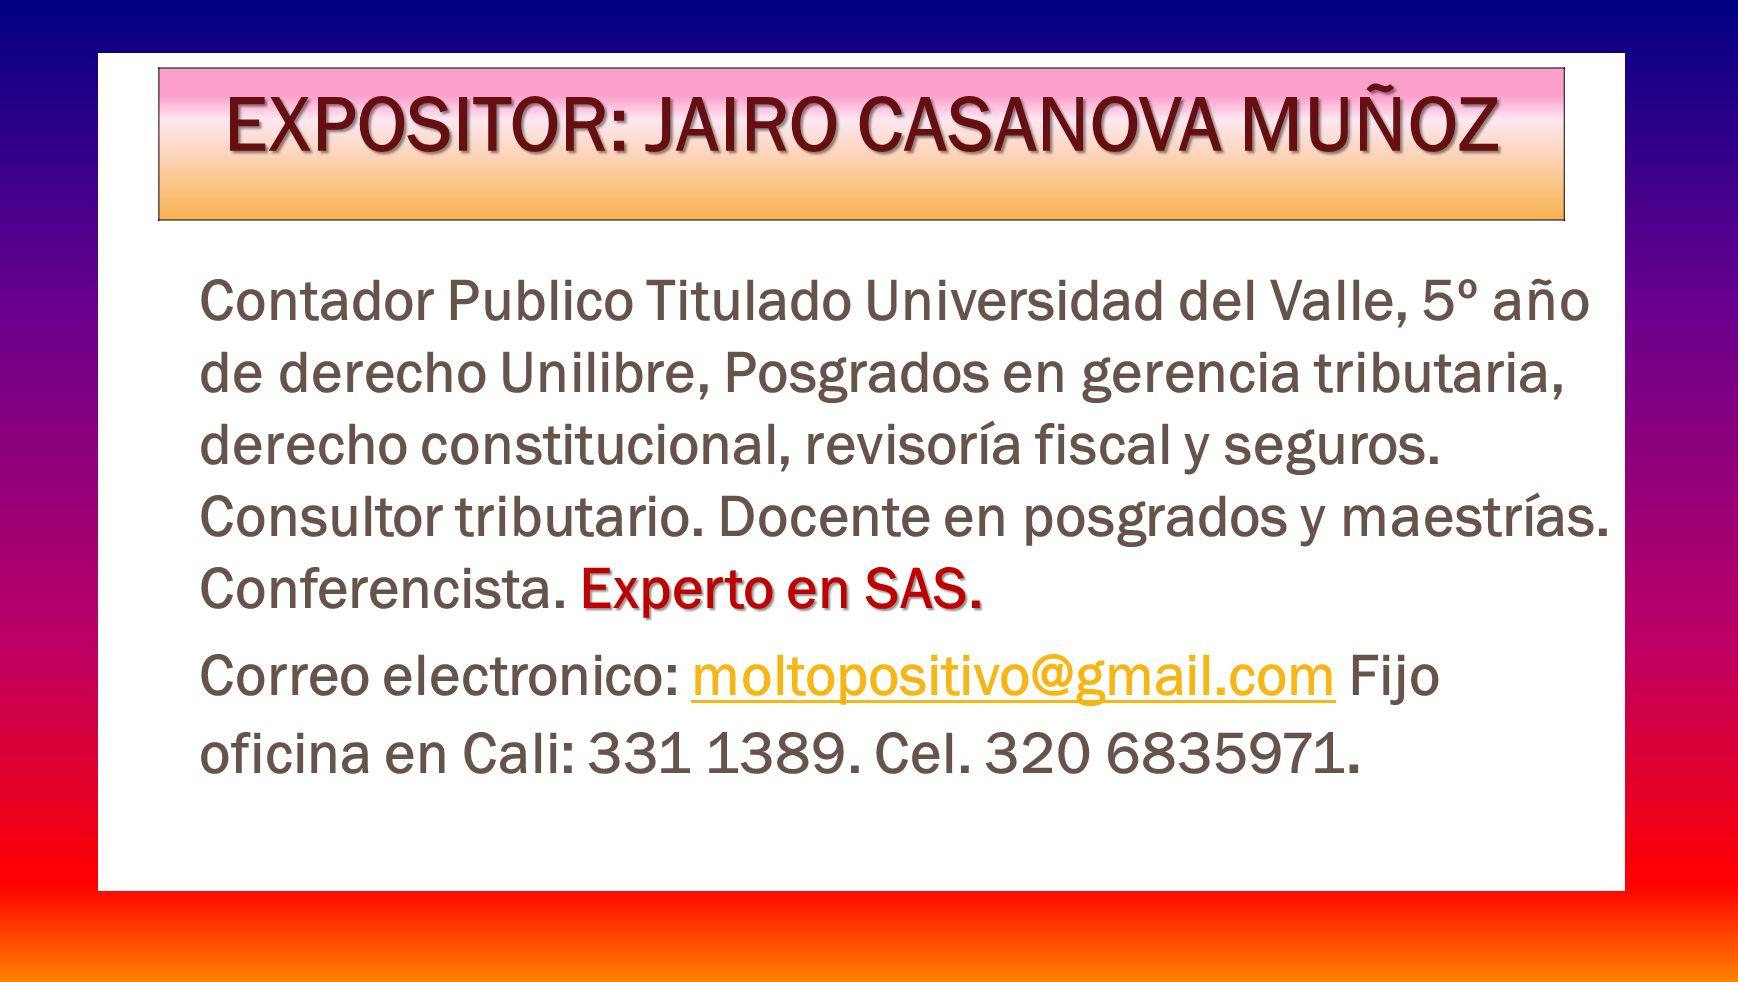 Experto en SAS. Contador Publico Titulado Universidad del Valle, 5º año de derecho Unilibre, Posgrados en gerencia tributaria, derecho constitucional,